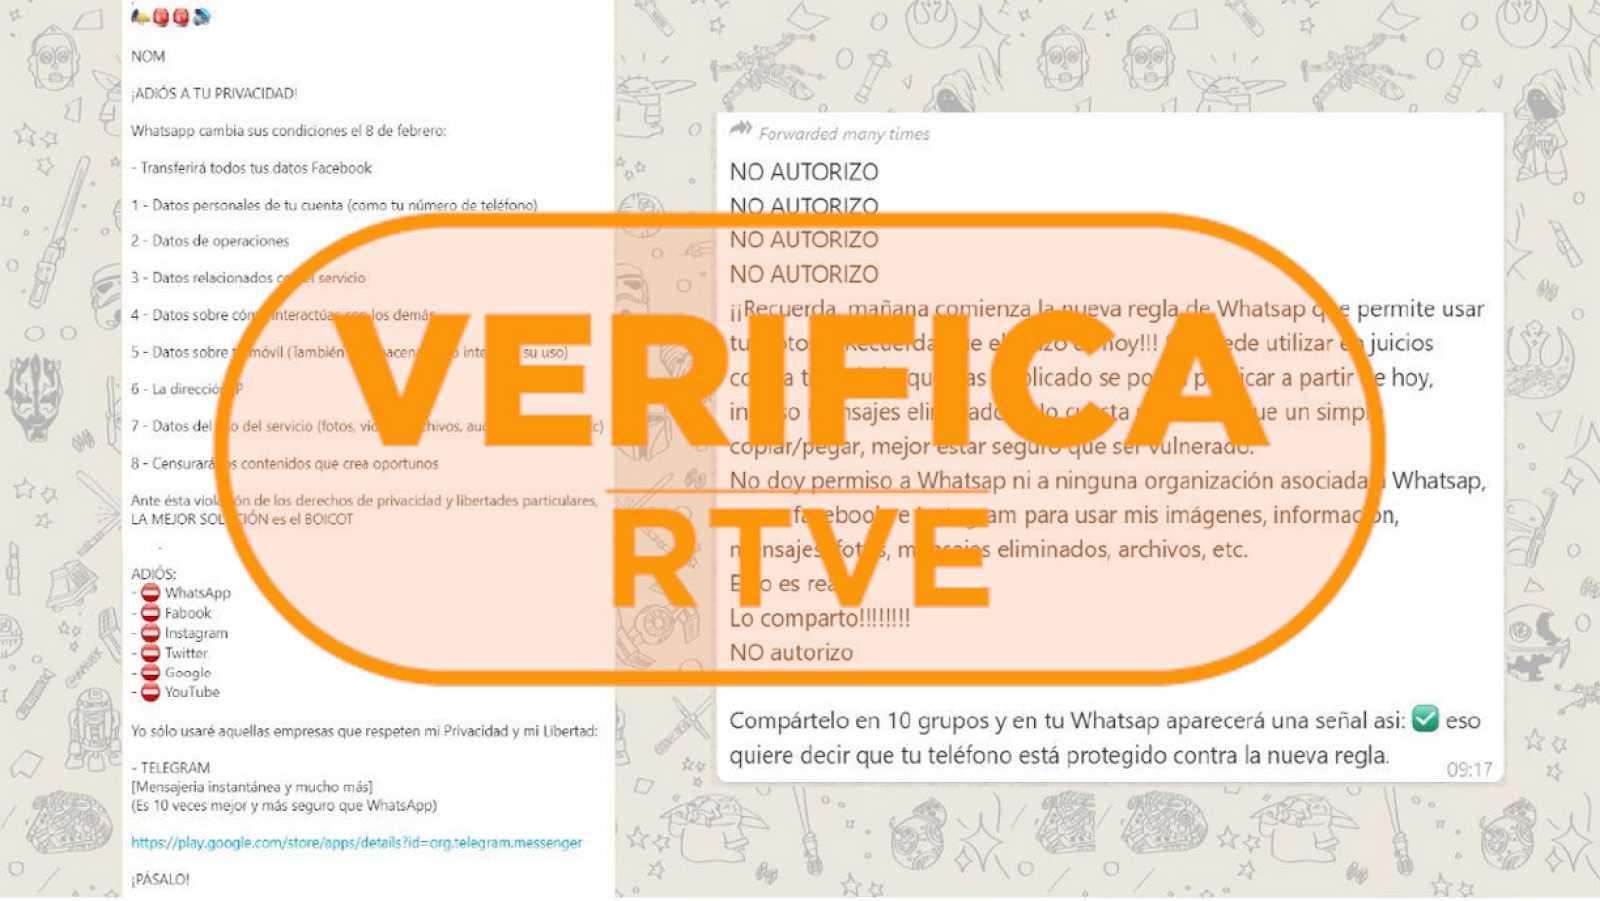 """Captura del mensaje con la cadena """"No autorizar"""" sobre la privacidad en Whatsapp y el sello de VerificaRTVE"""